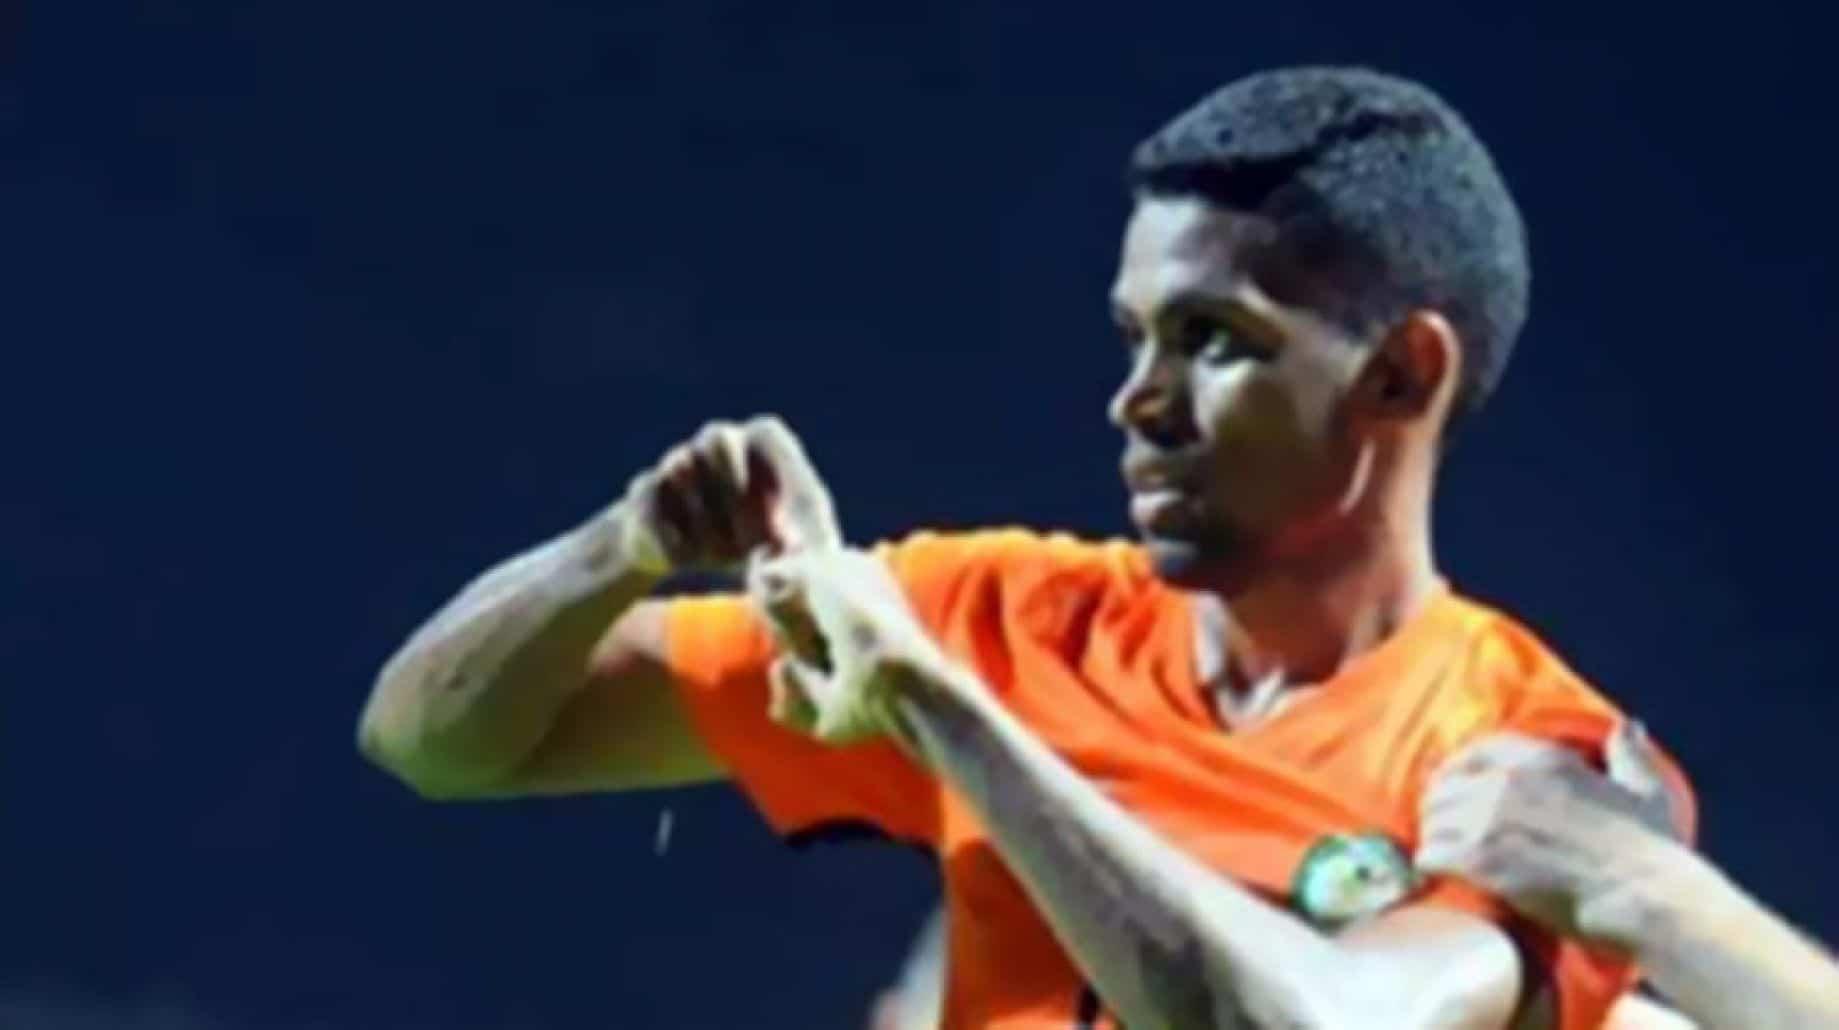 نجم فريق البنك الأهلي كريم بامبو والاعتذار إلى جماهير الأهلي